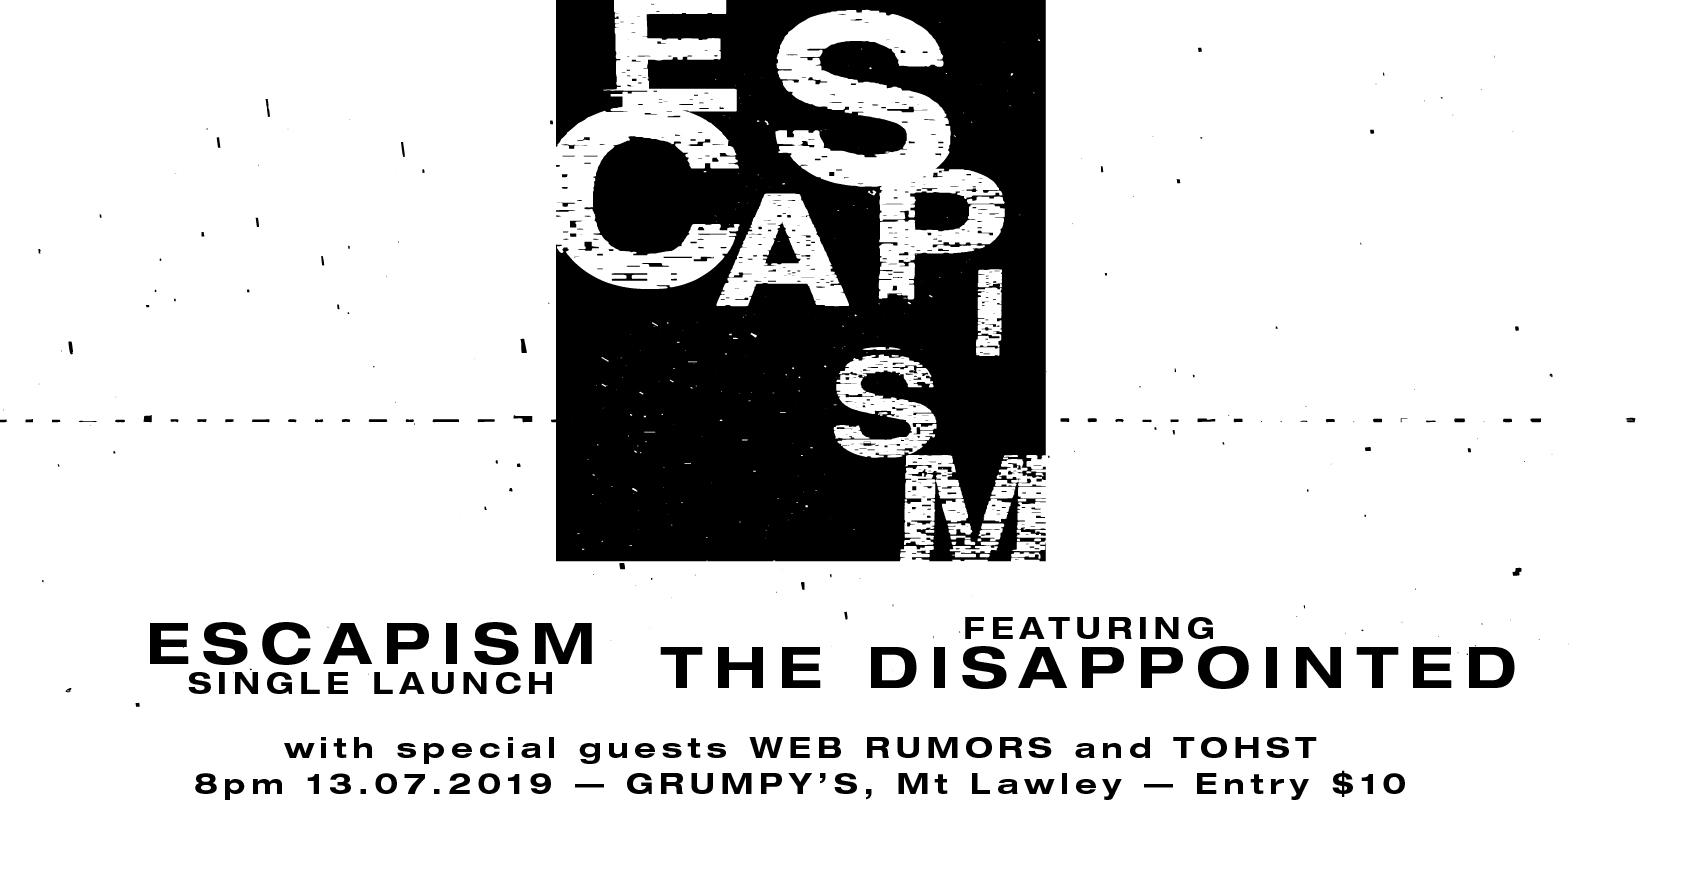 EscapismPoster_FB.jpg